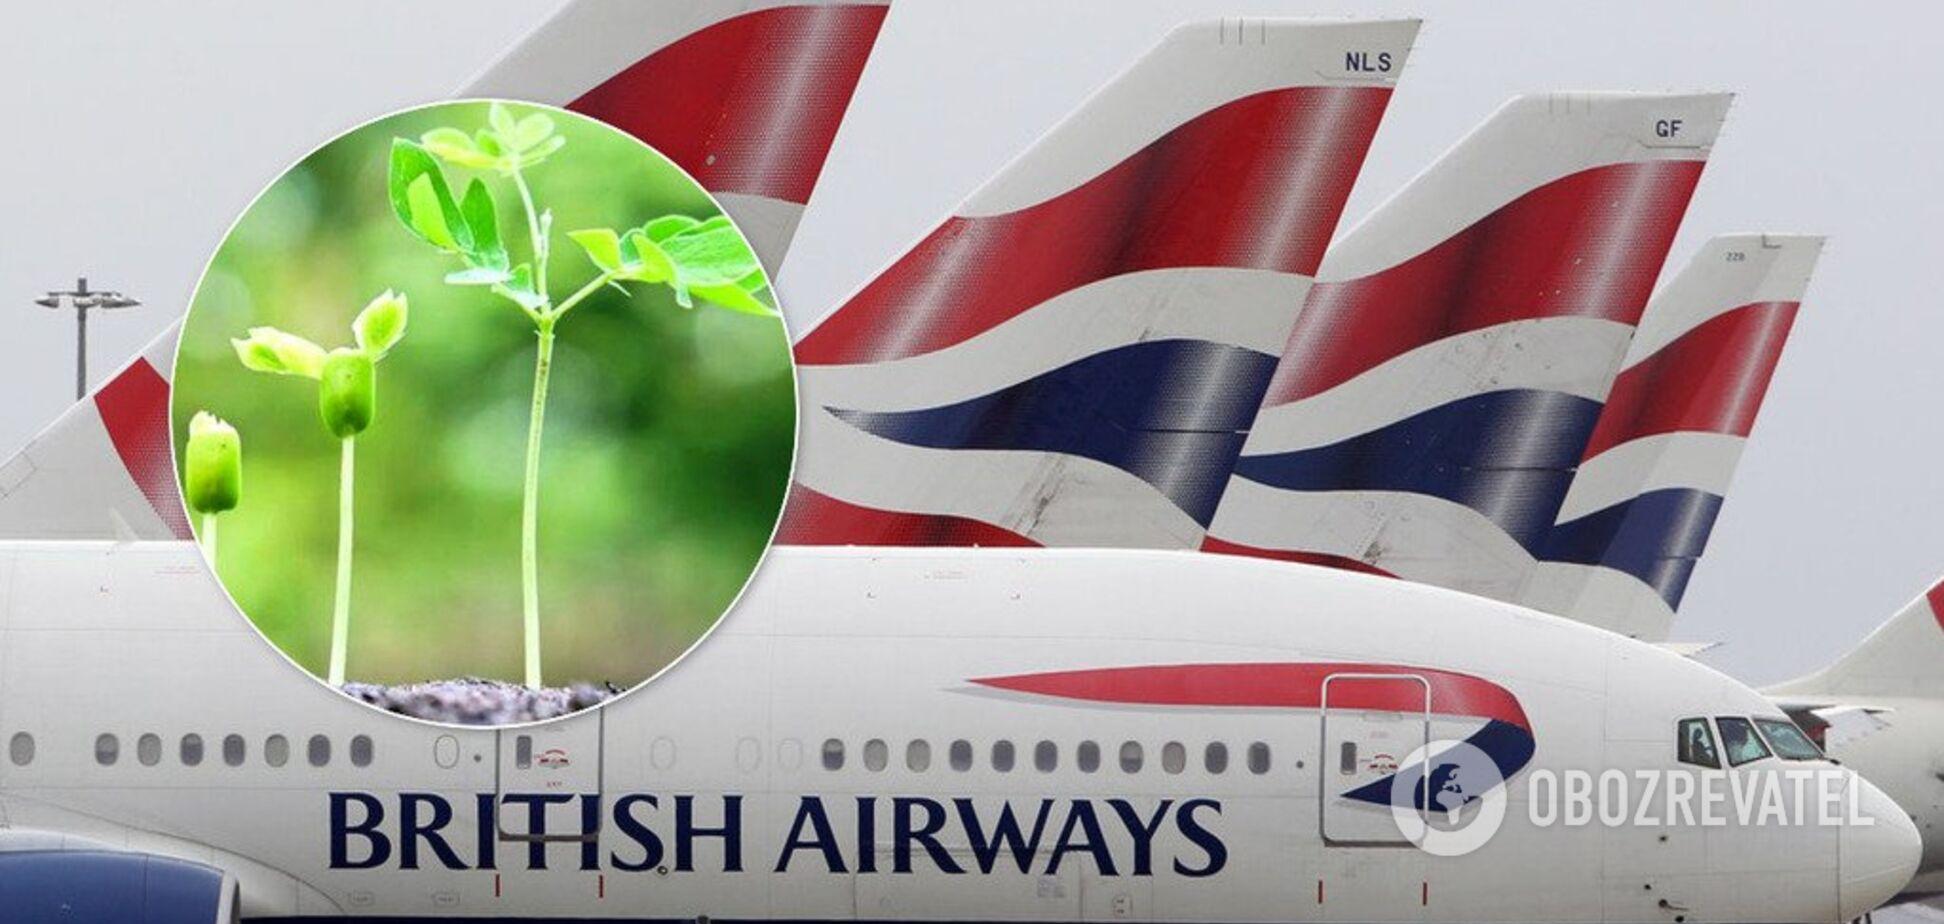 Из мусора: в Британии авиакомпании решились на радикальный шаг